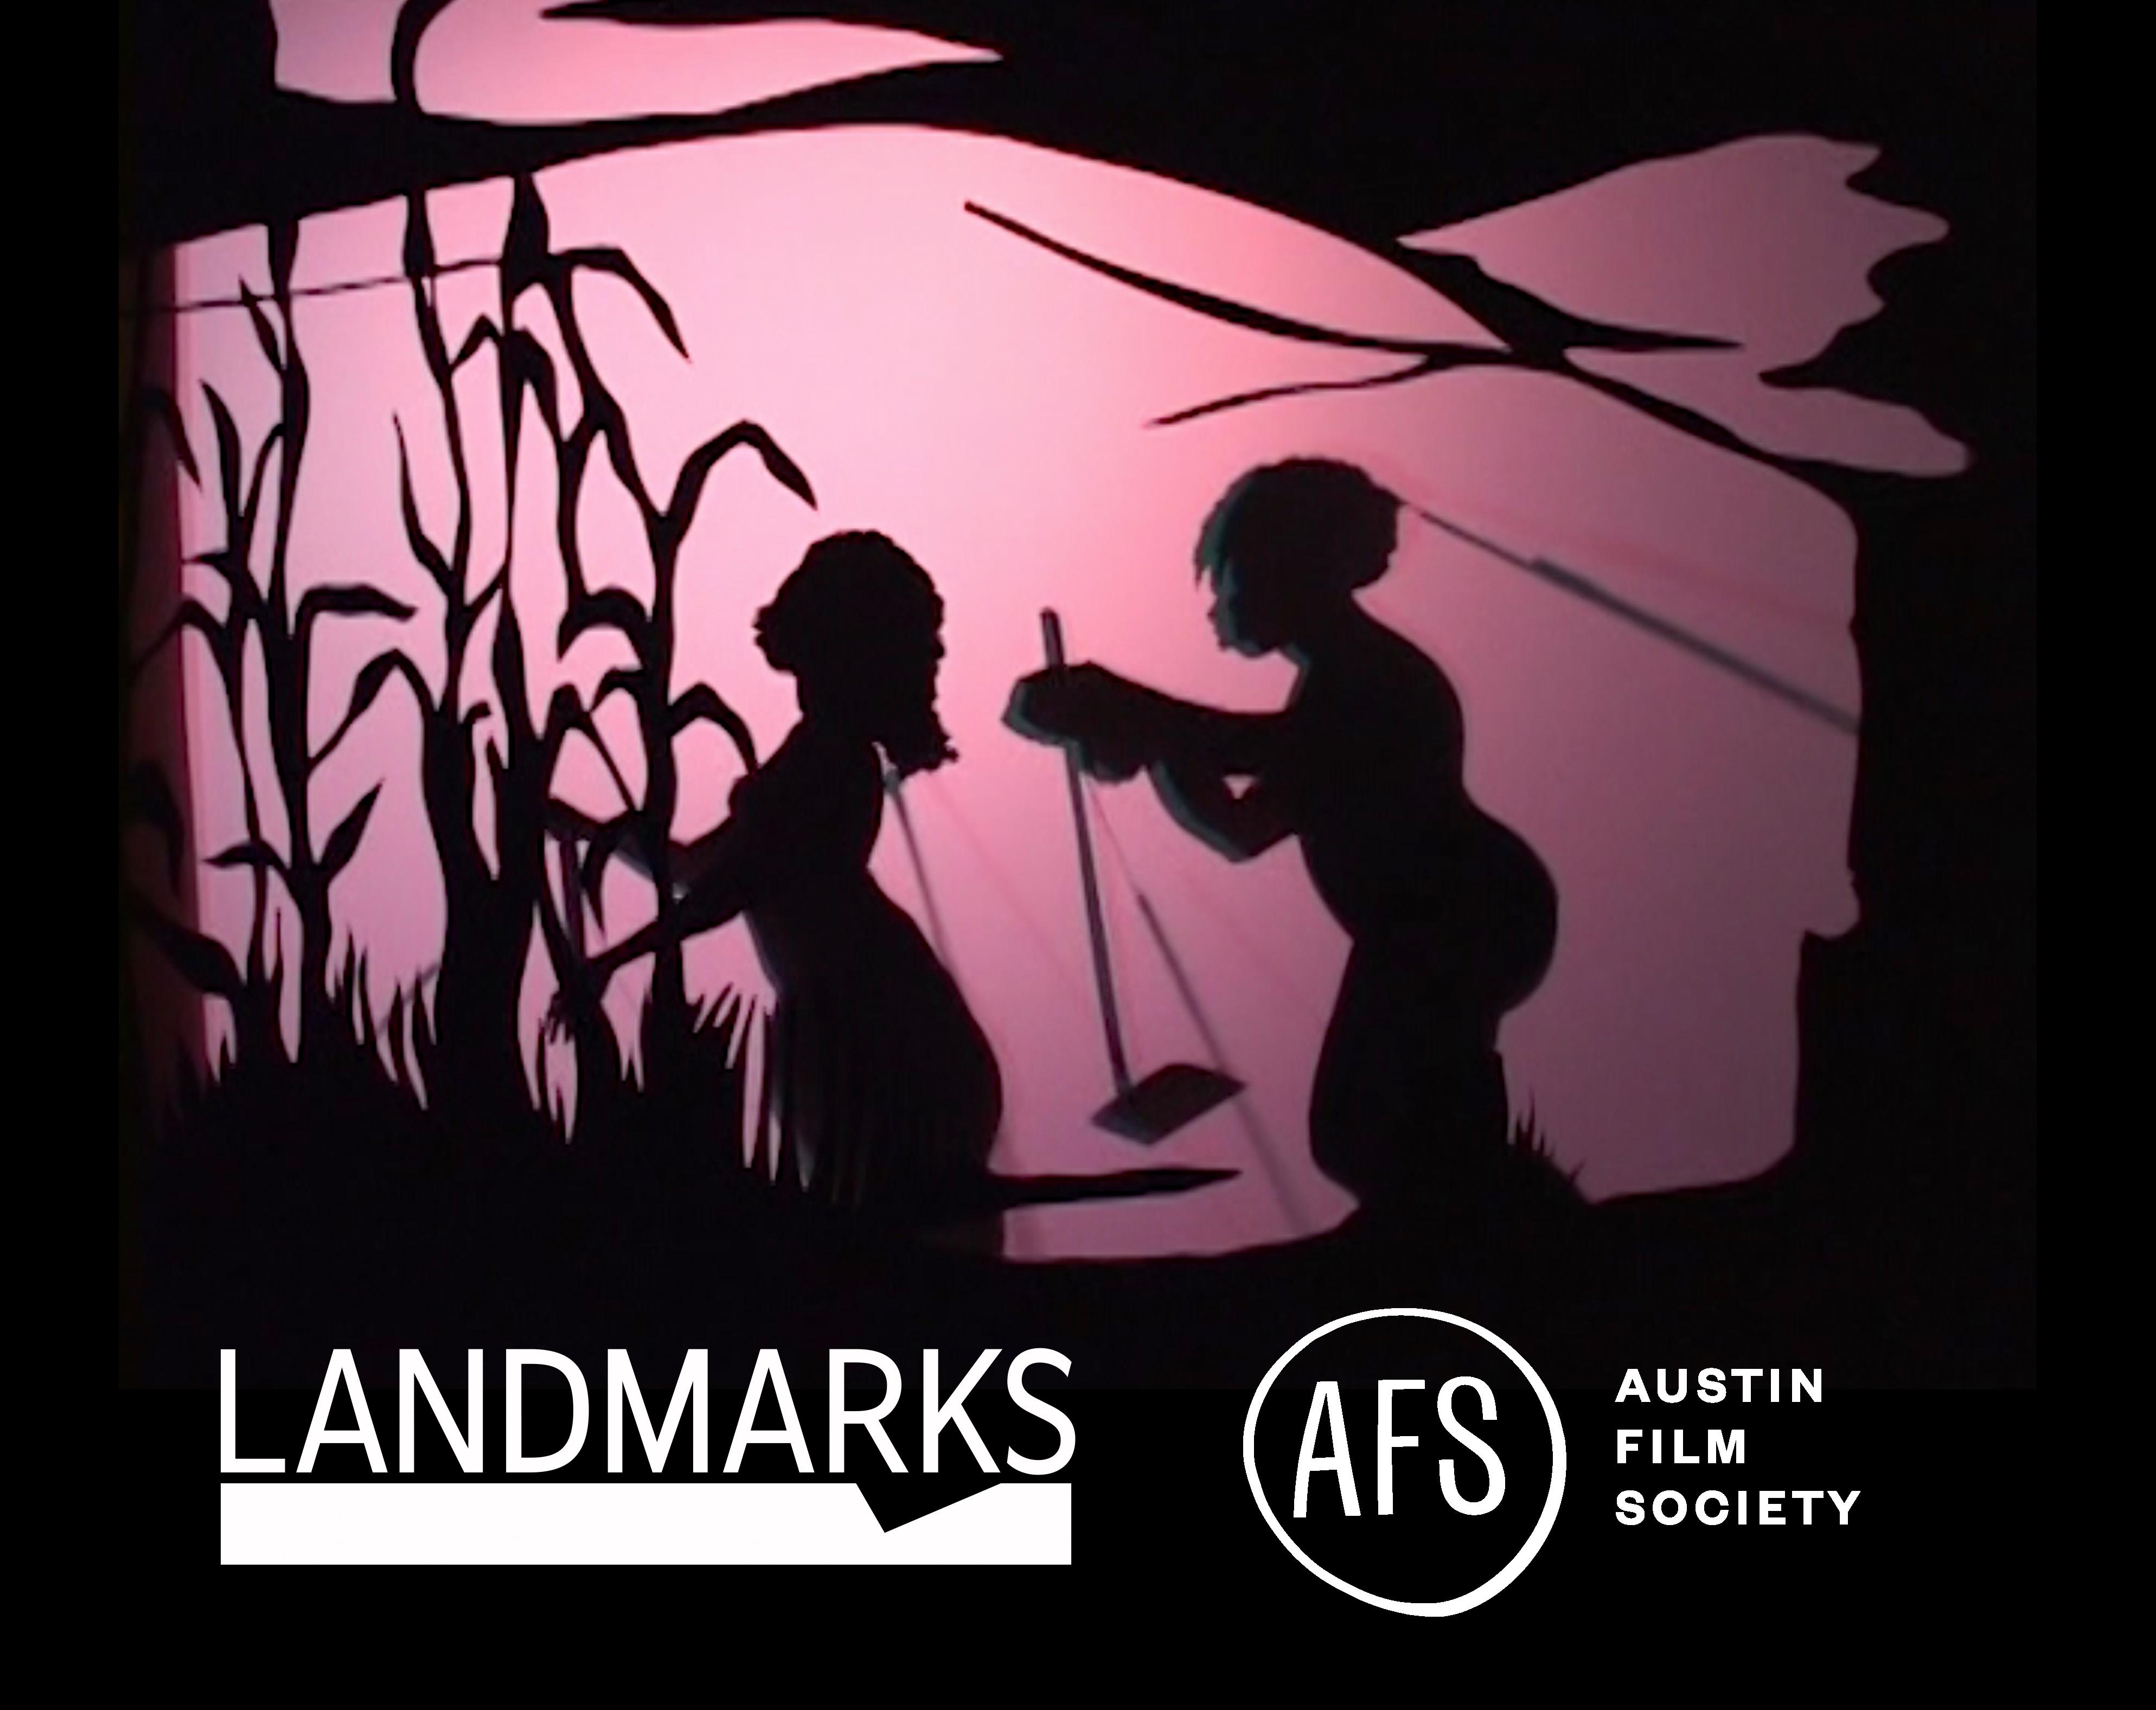 Kara Walker Still with Landmarks and AFS Logos